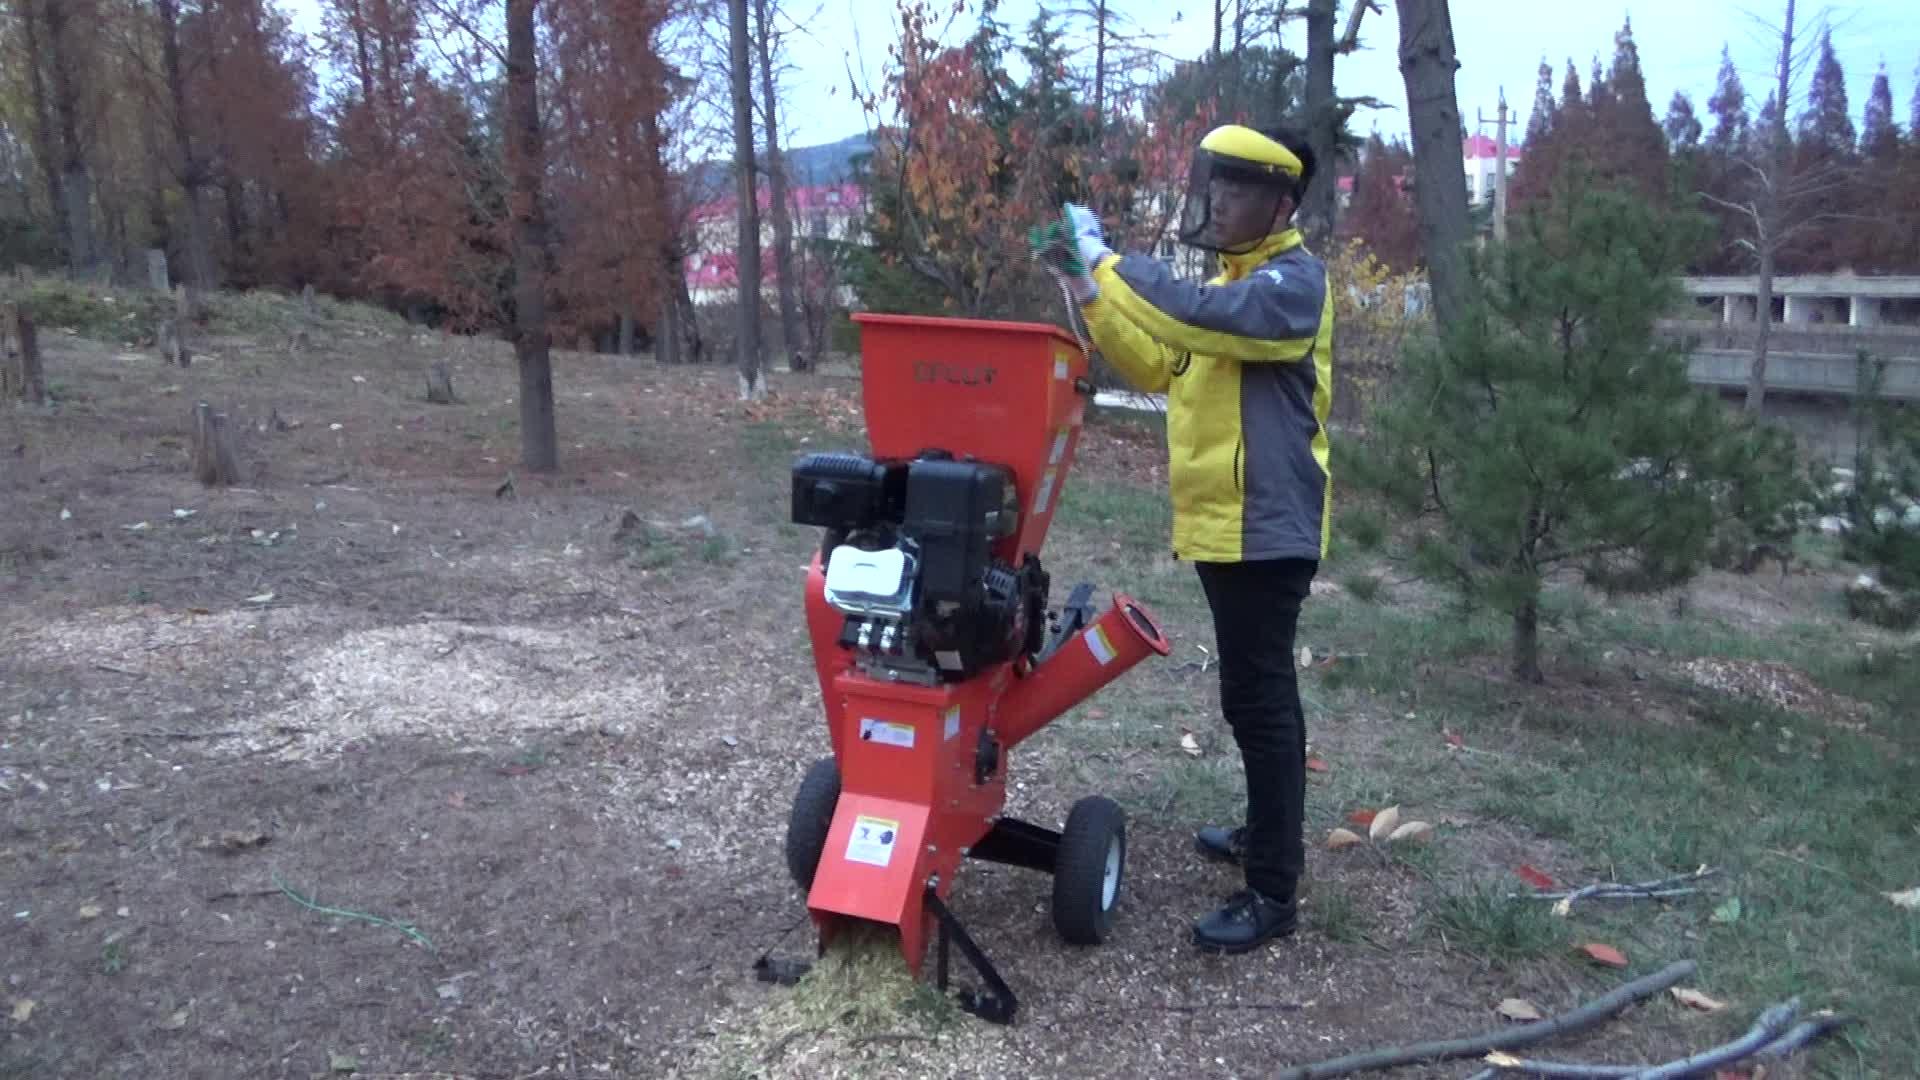 EFCUT 15HP लकड़ी के टुकड़े करने तकलीफ बिजली के शुरू पेट्रोल इंजन के साथ लकड़ी के टुकड़े